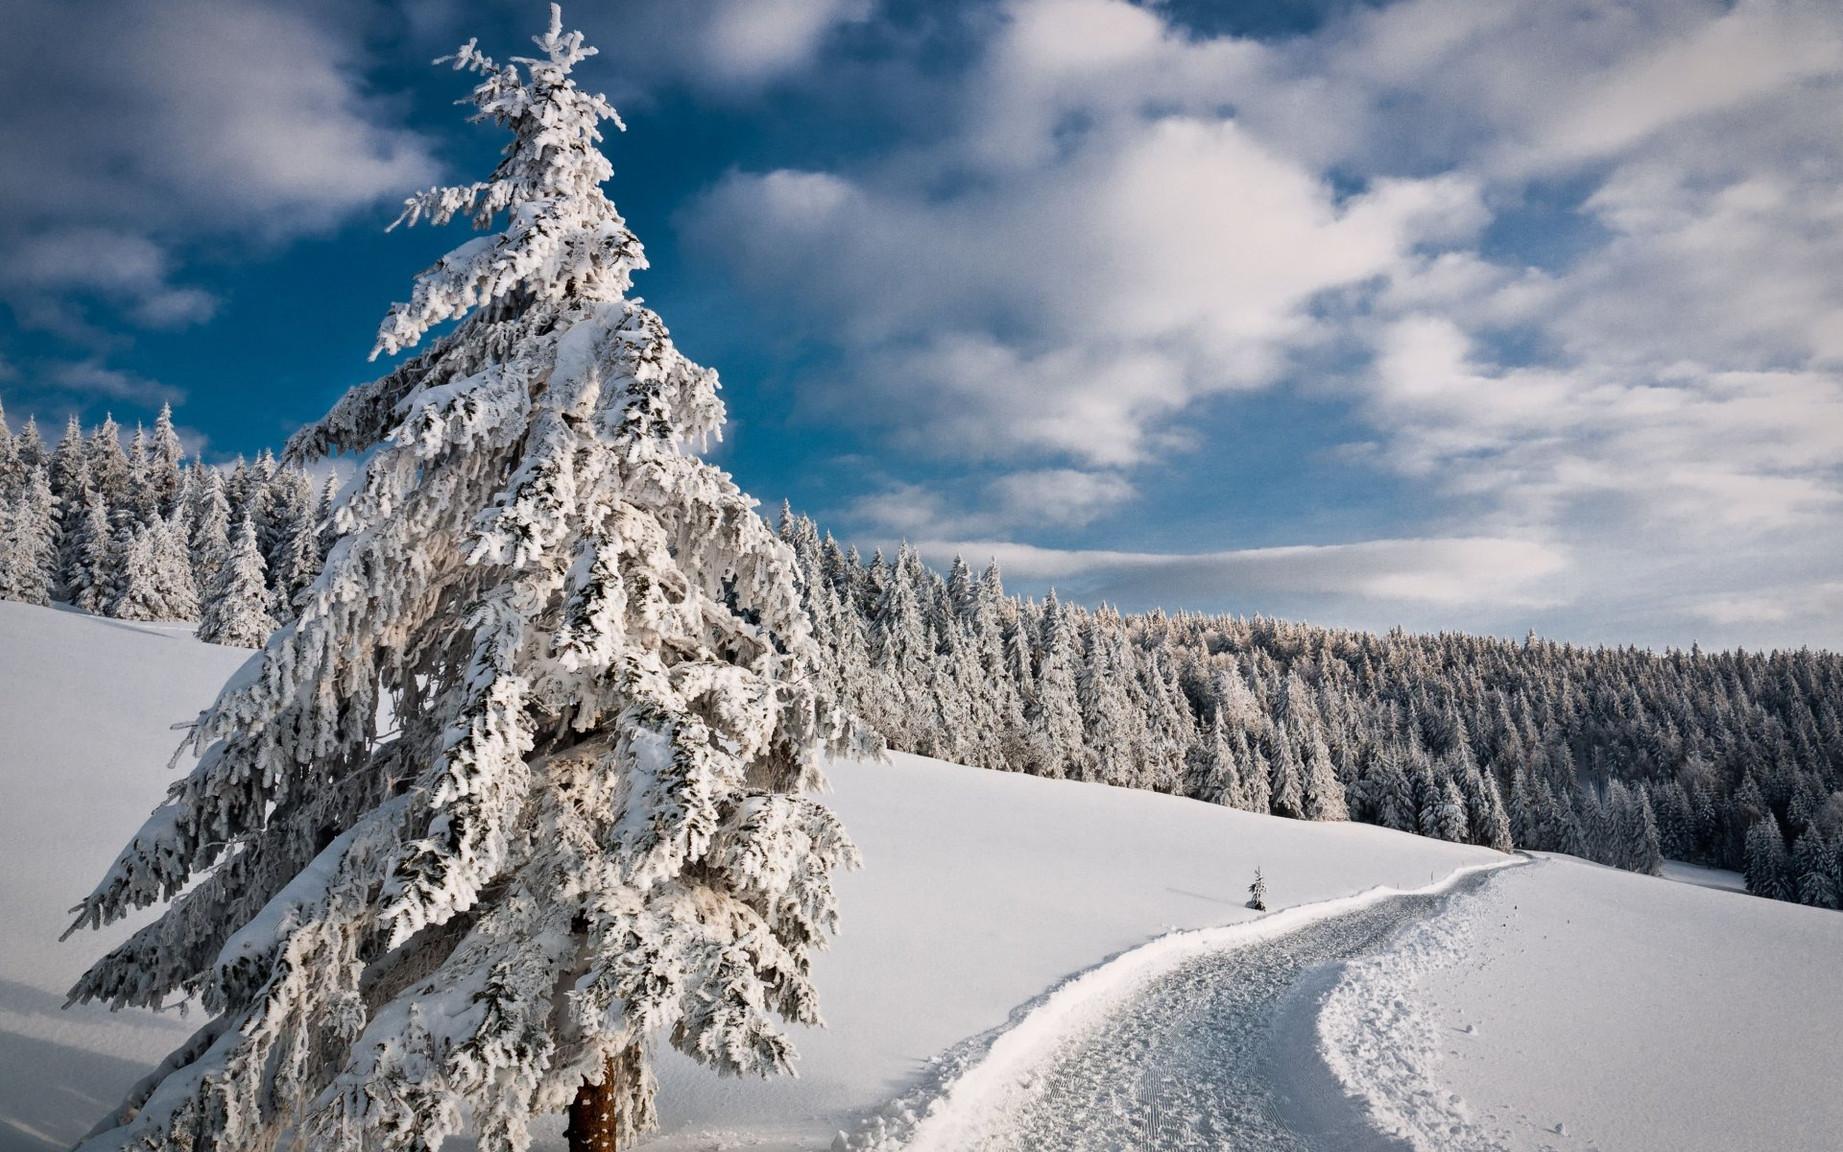 ws_Winter_Trees_Path_Hills_1920x1200.jpg